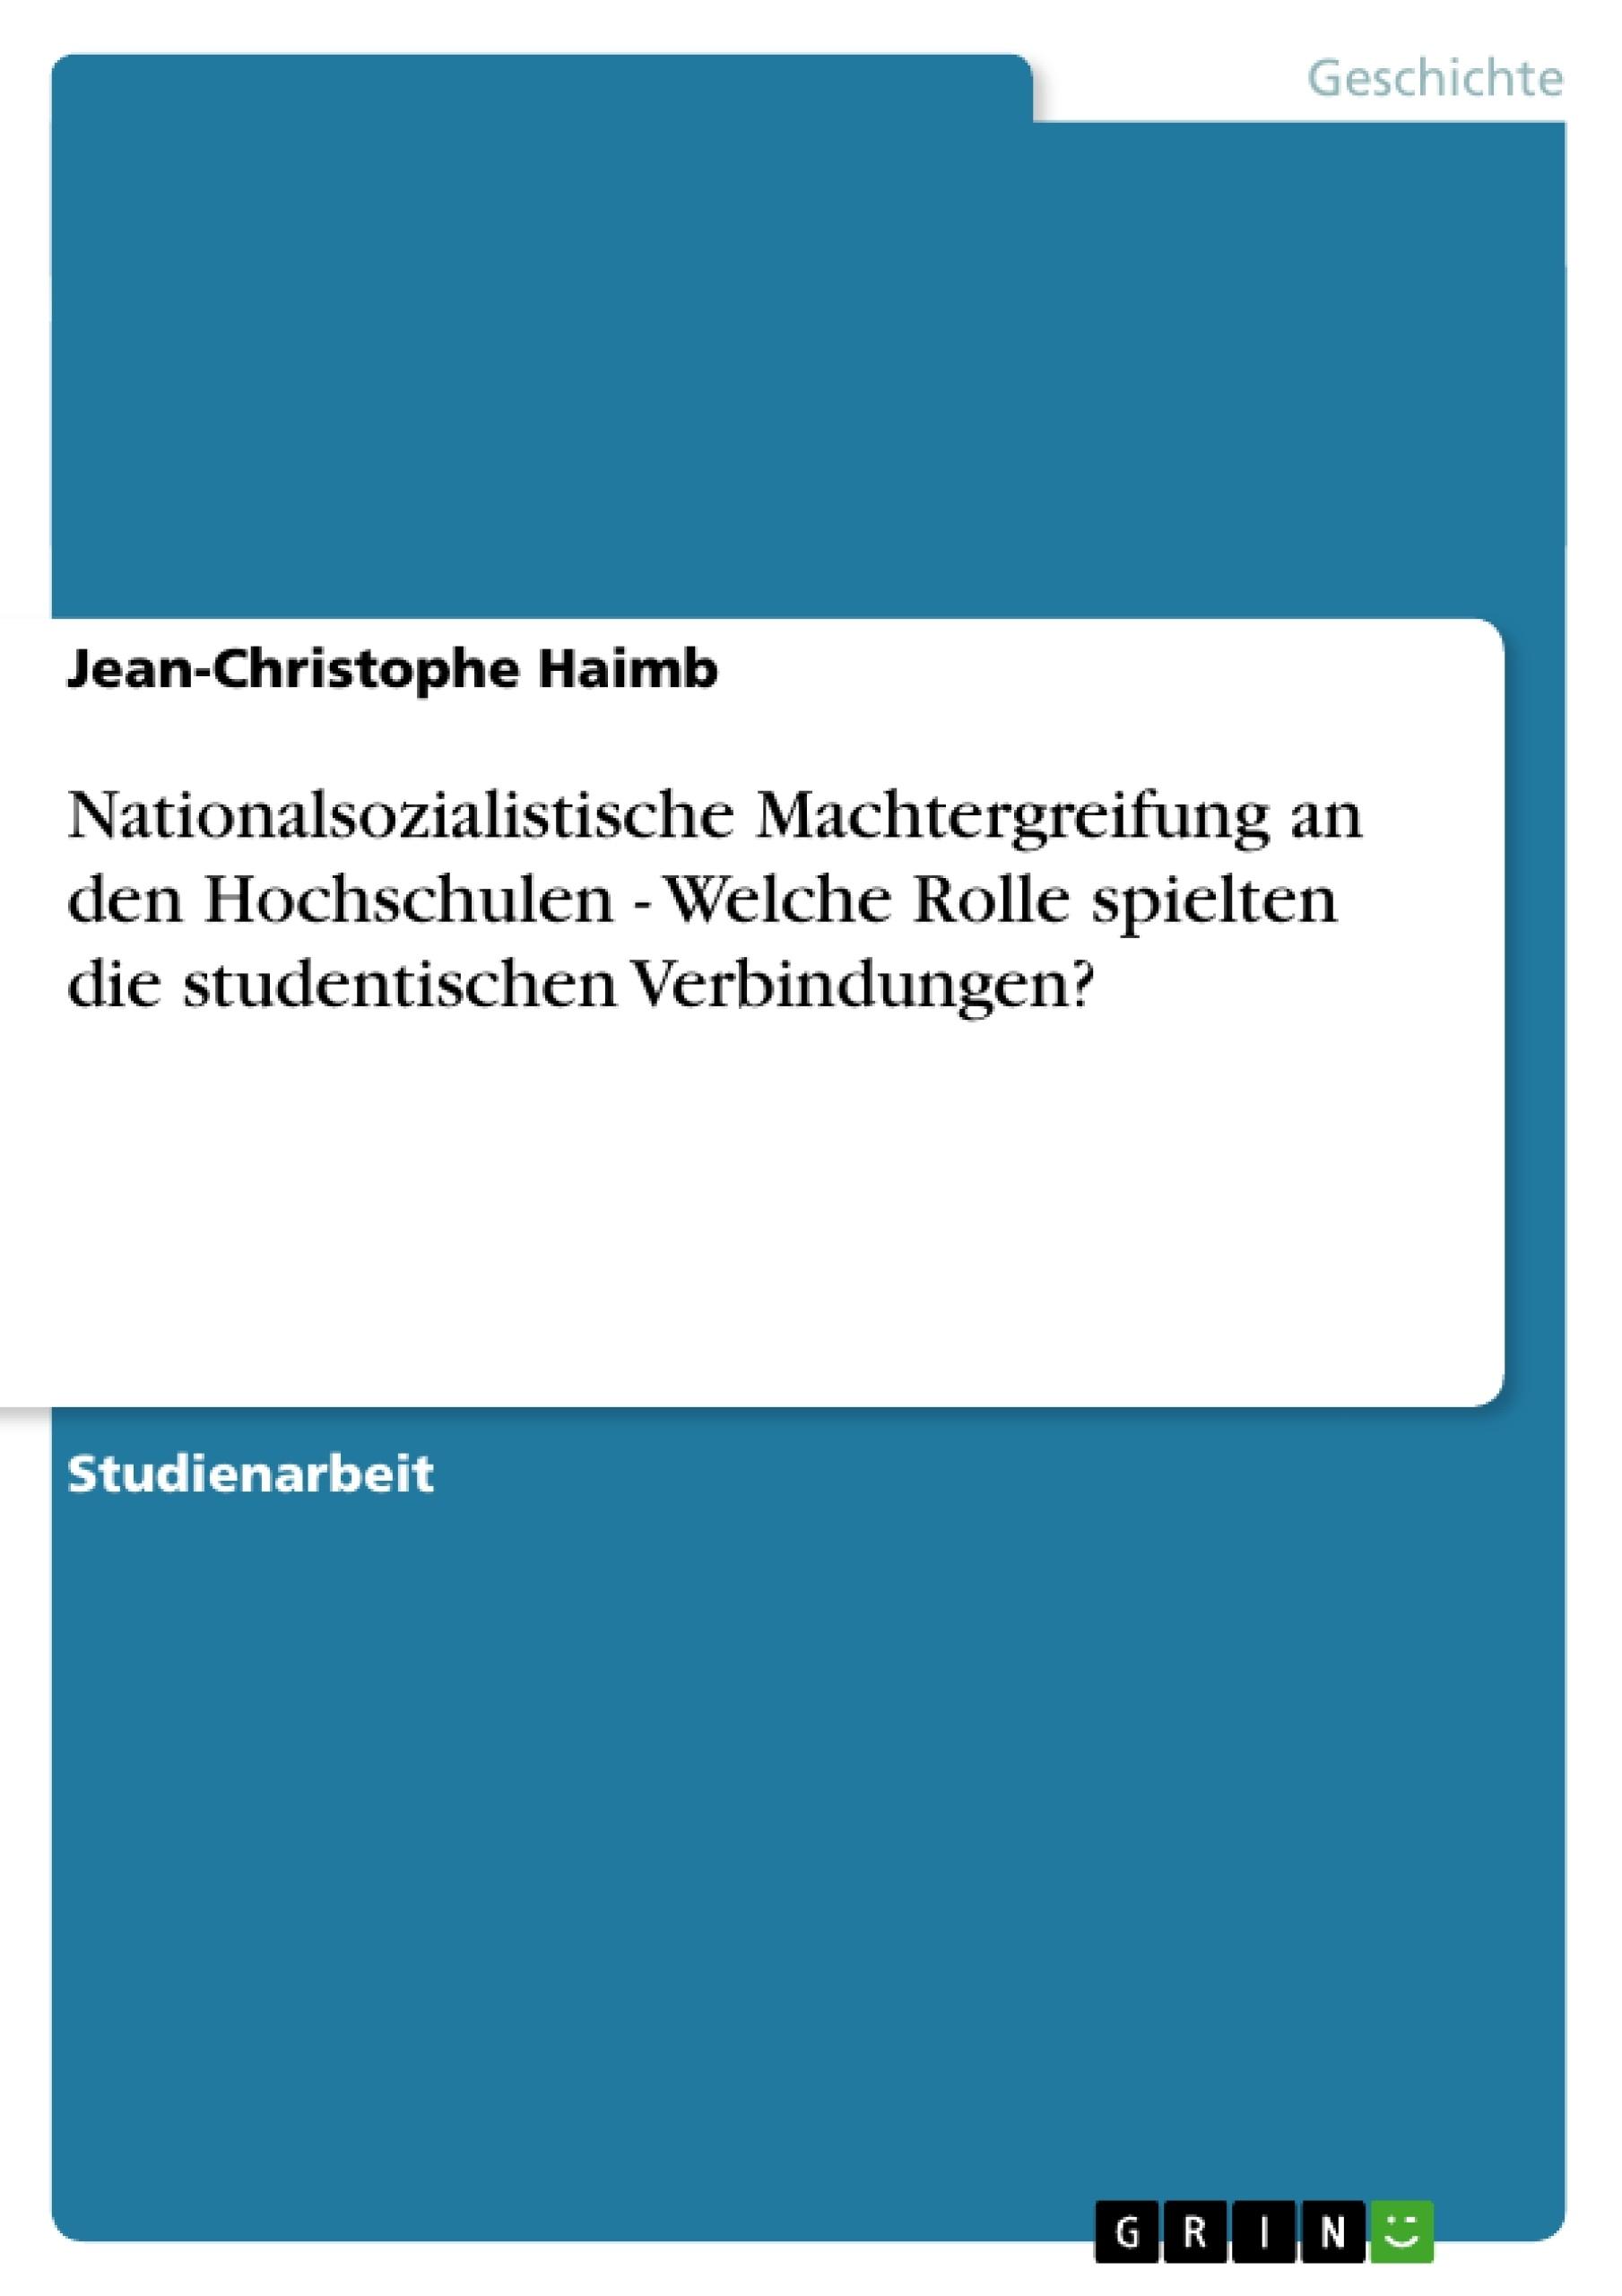 Titel: Nationalsozialistische Machtergreifung an den Hochschulen - Welche Rolle spielten die studentischen Verbindungen?